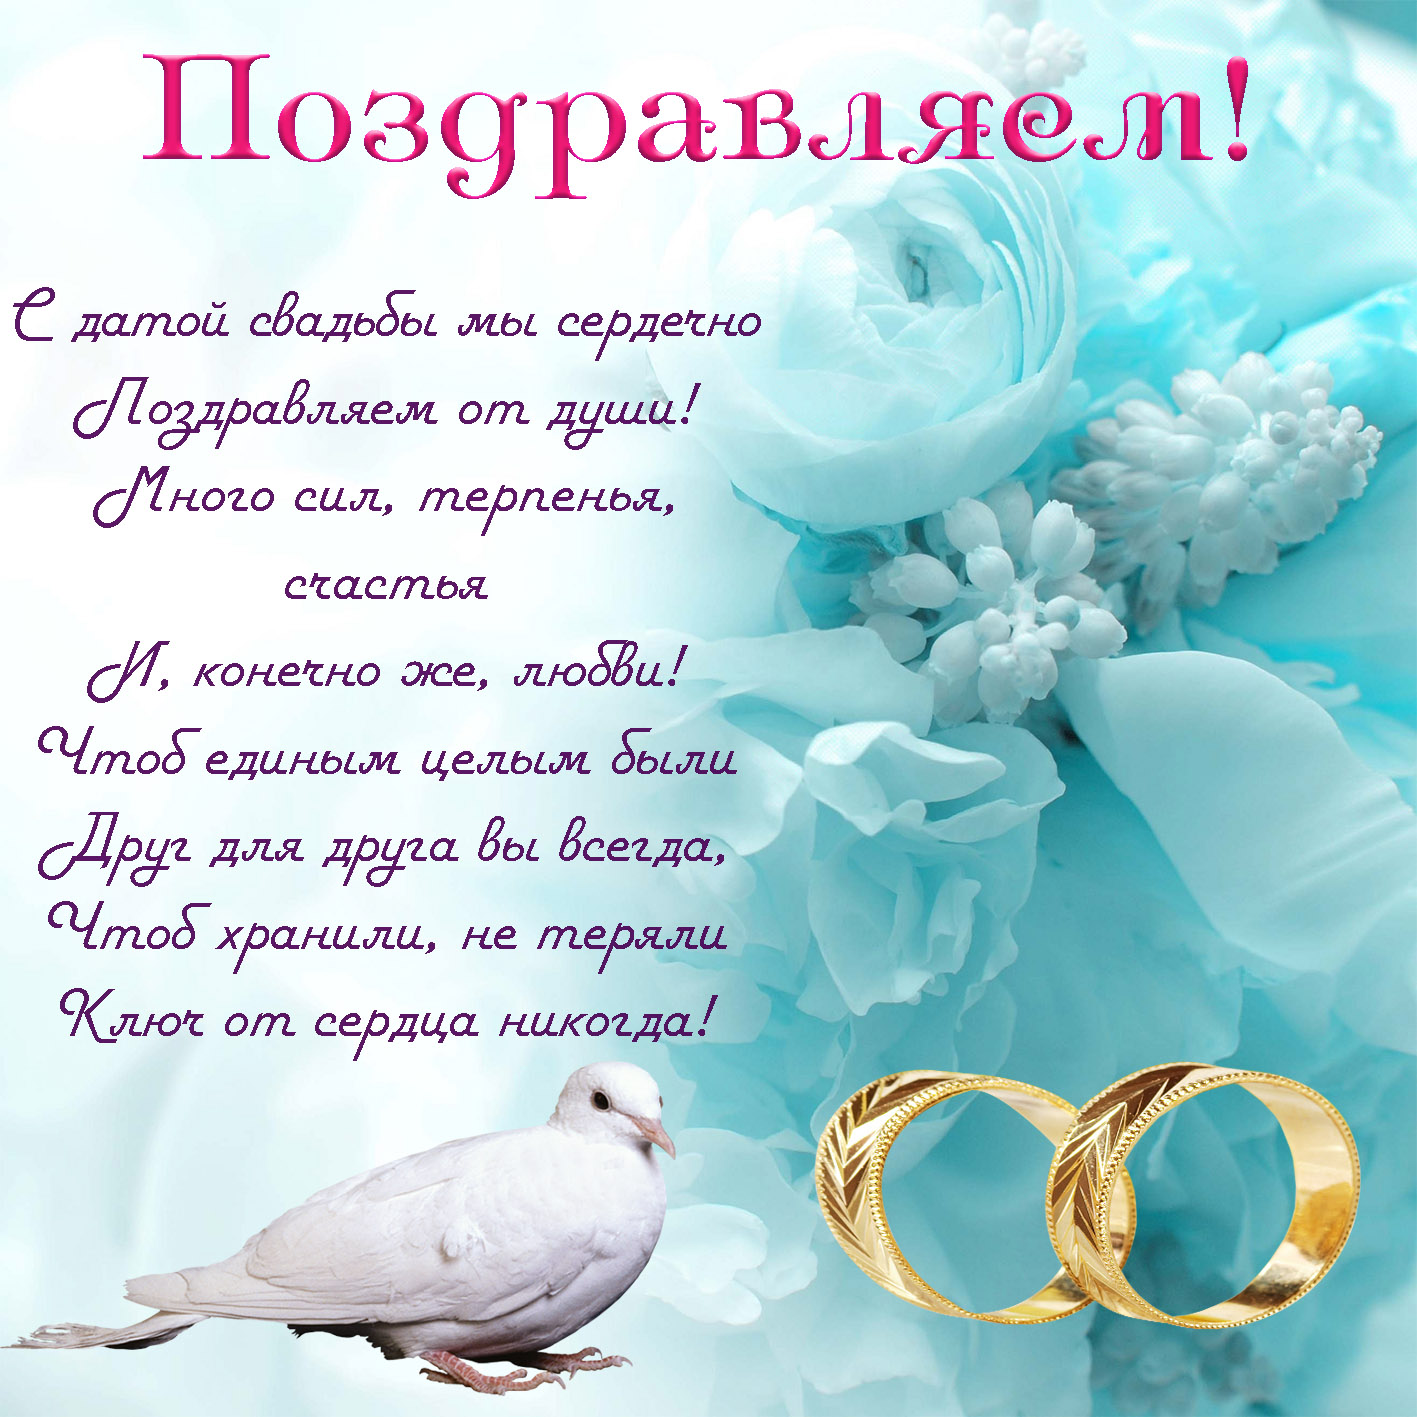 Поздравления на юбилей свадьбы картинки